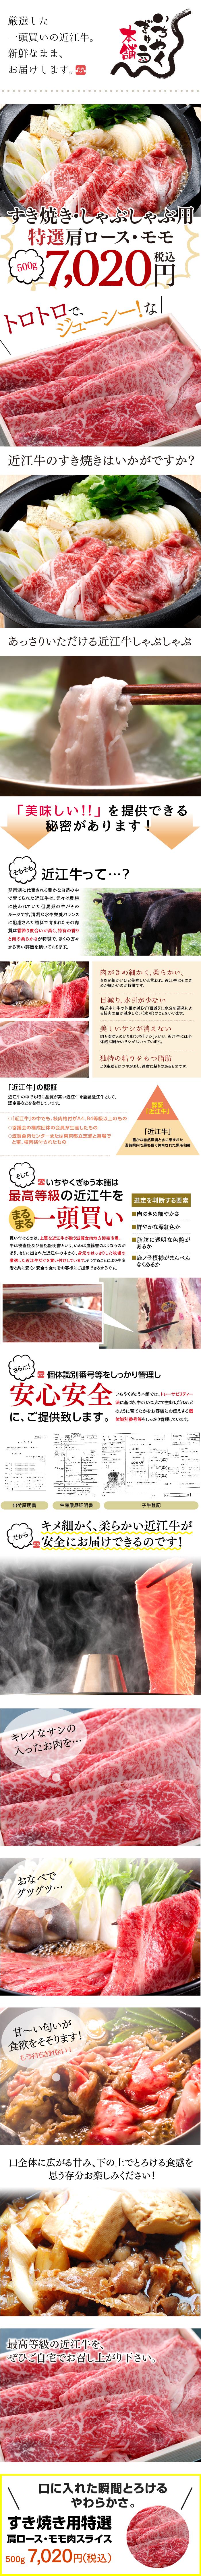 いちやくぎゅう本舗 近江牛 すき焼き用特選肩ロース・モモ ミックス 500g(2〜3人前)